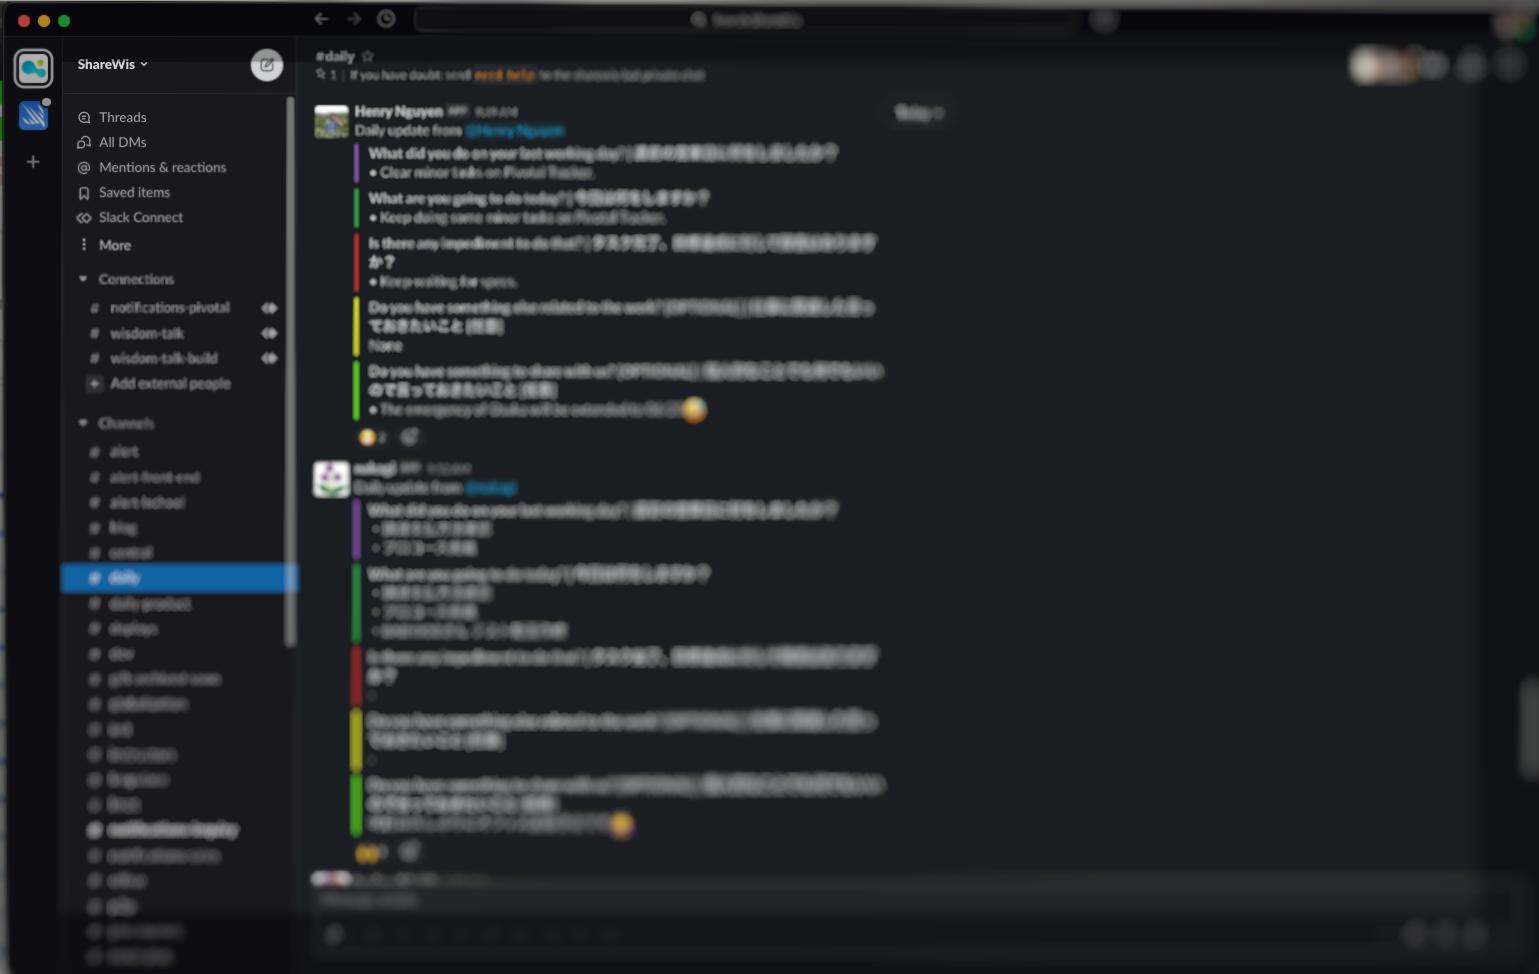 株式会社シェアウィズで使っているSlackのスクリーンショット画像